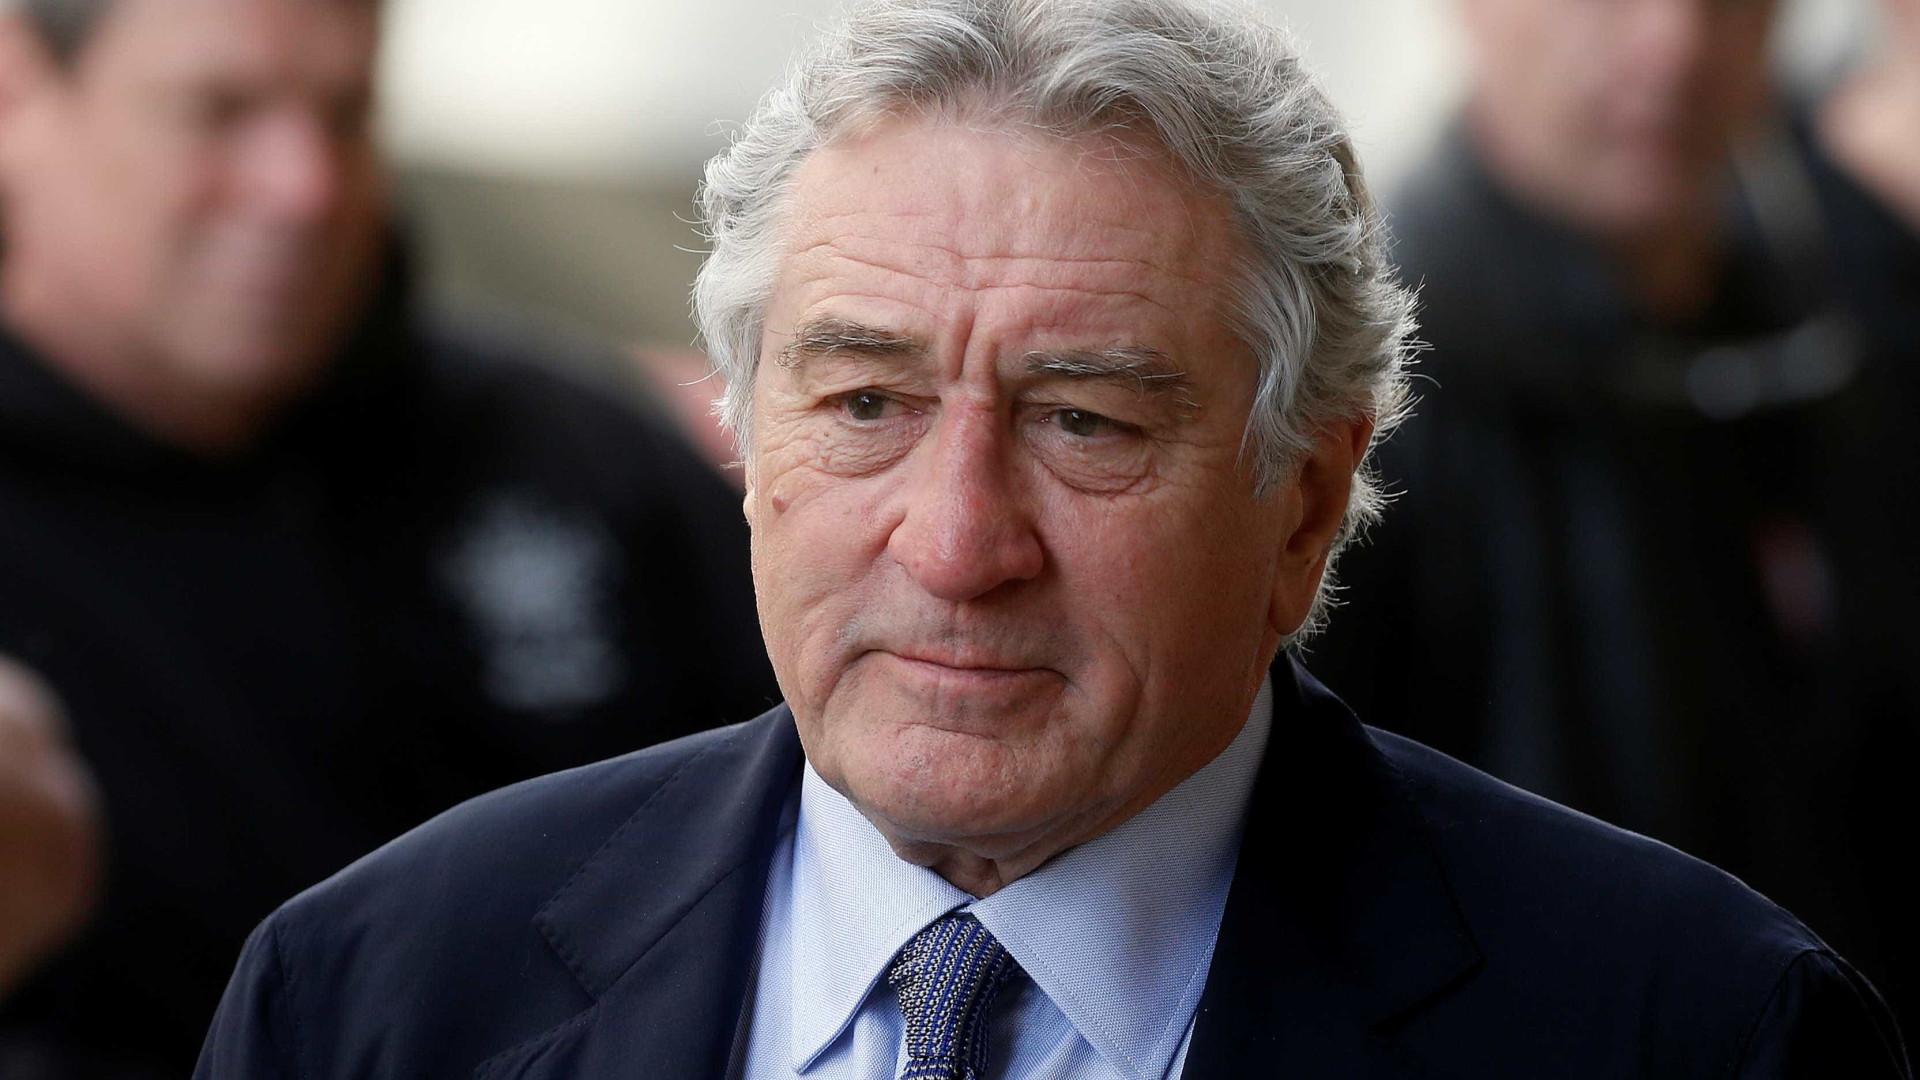 Robert De Niro acusado de assédio por ex-funcionária